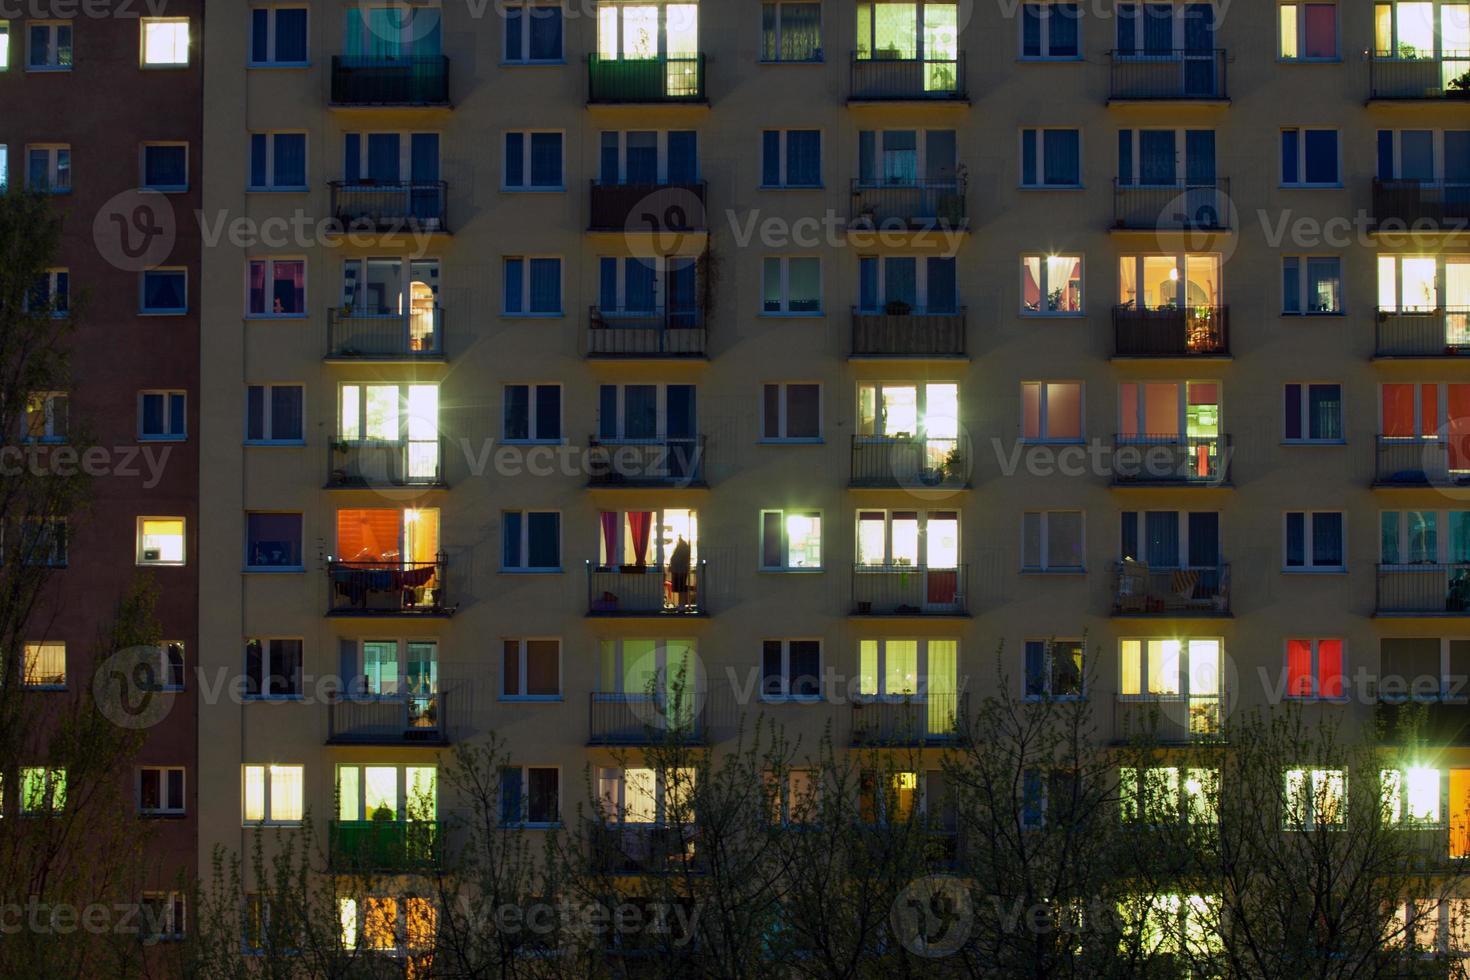 fenêtre d'un immeuble dans la nuit photo